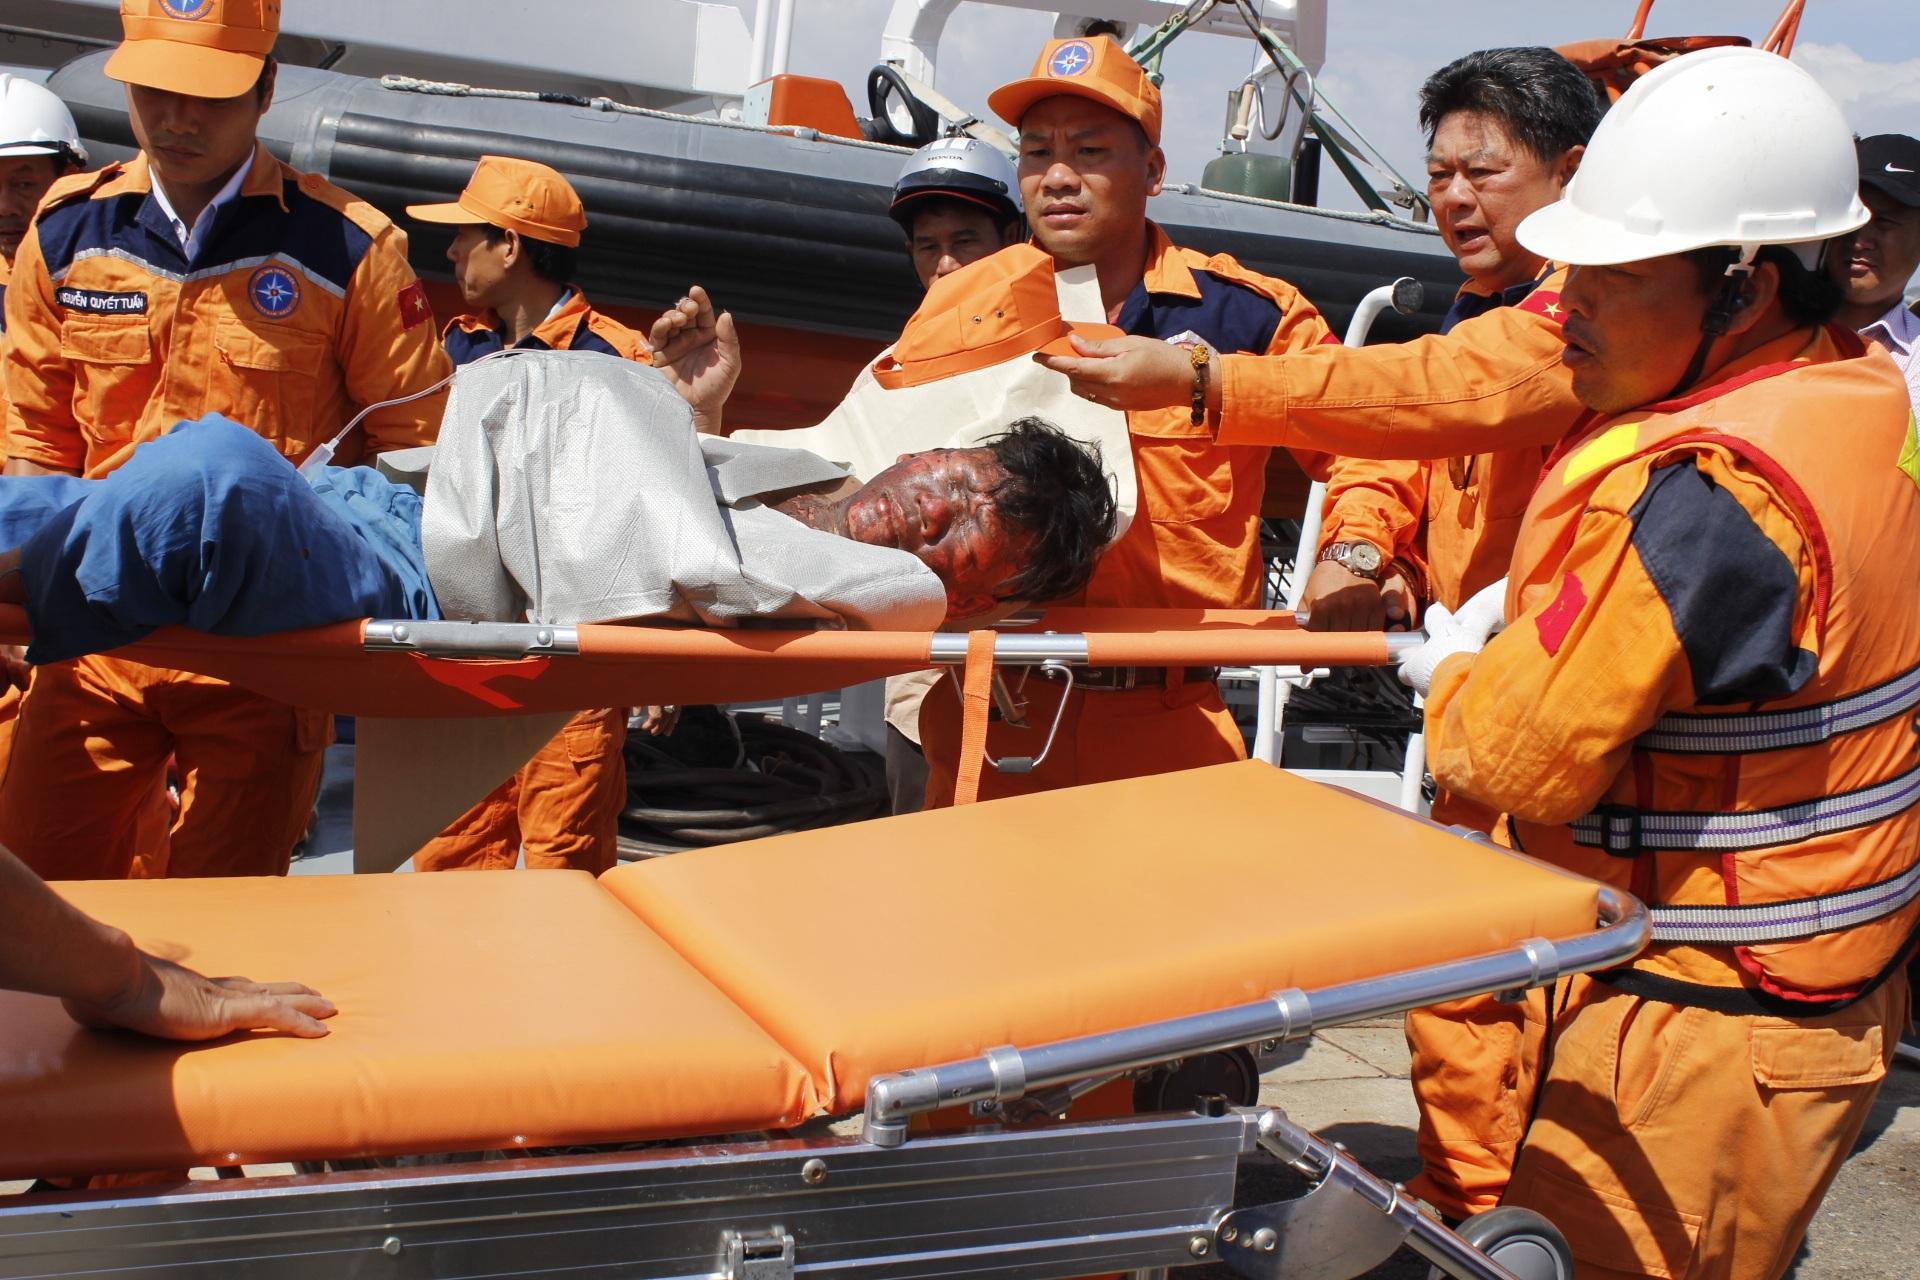 Vụ nổ tàu cá trên biển: Đưa 12 người bị thương vào bờ cấp cứu - 5